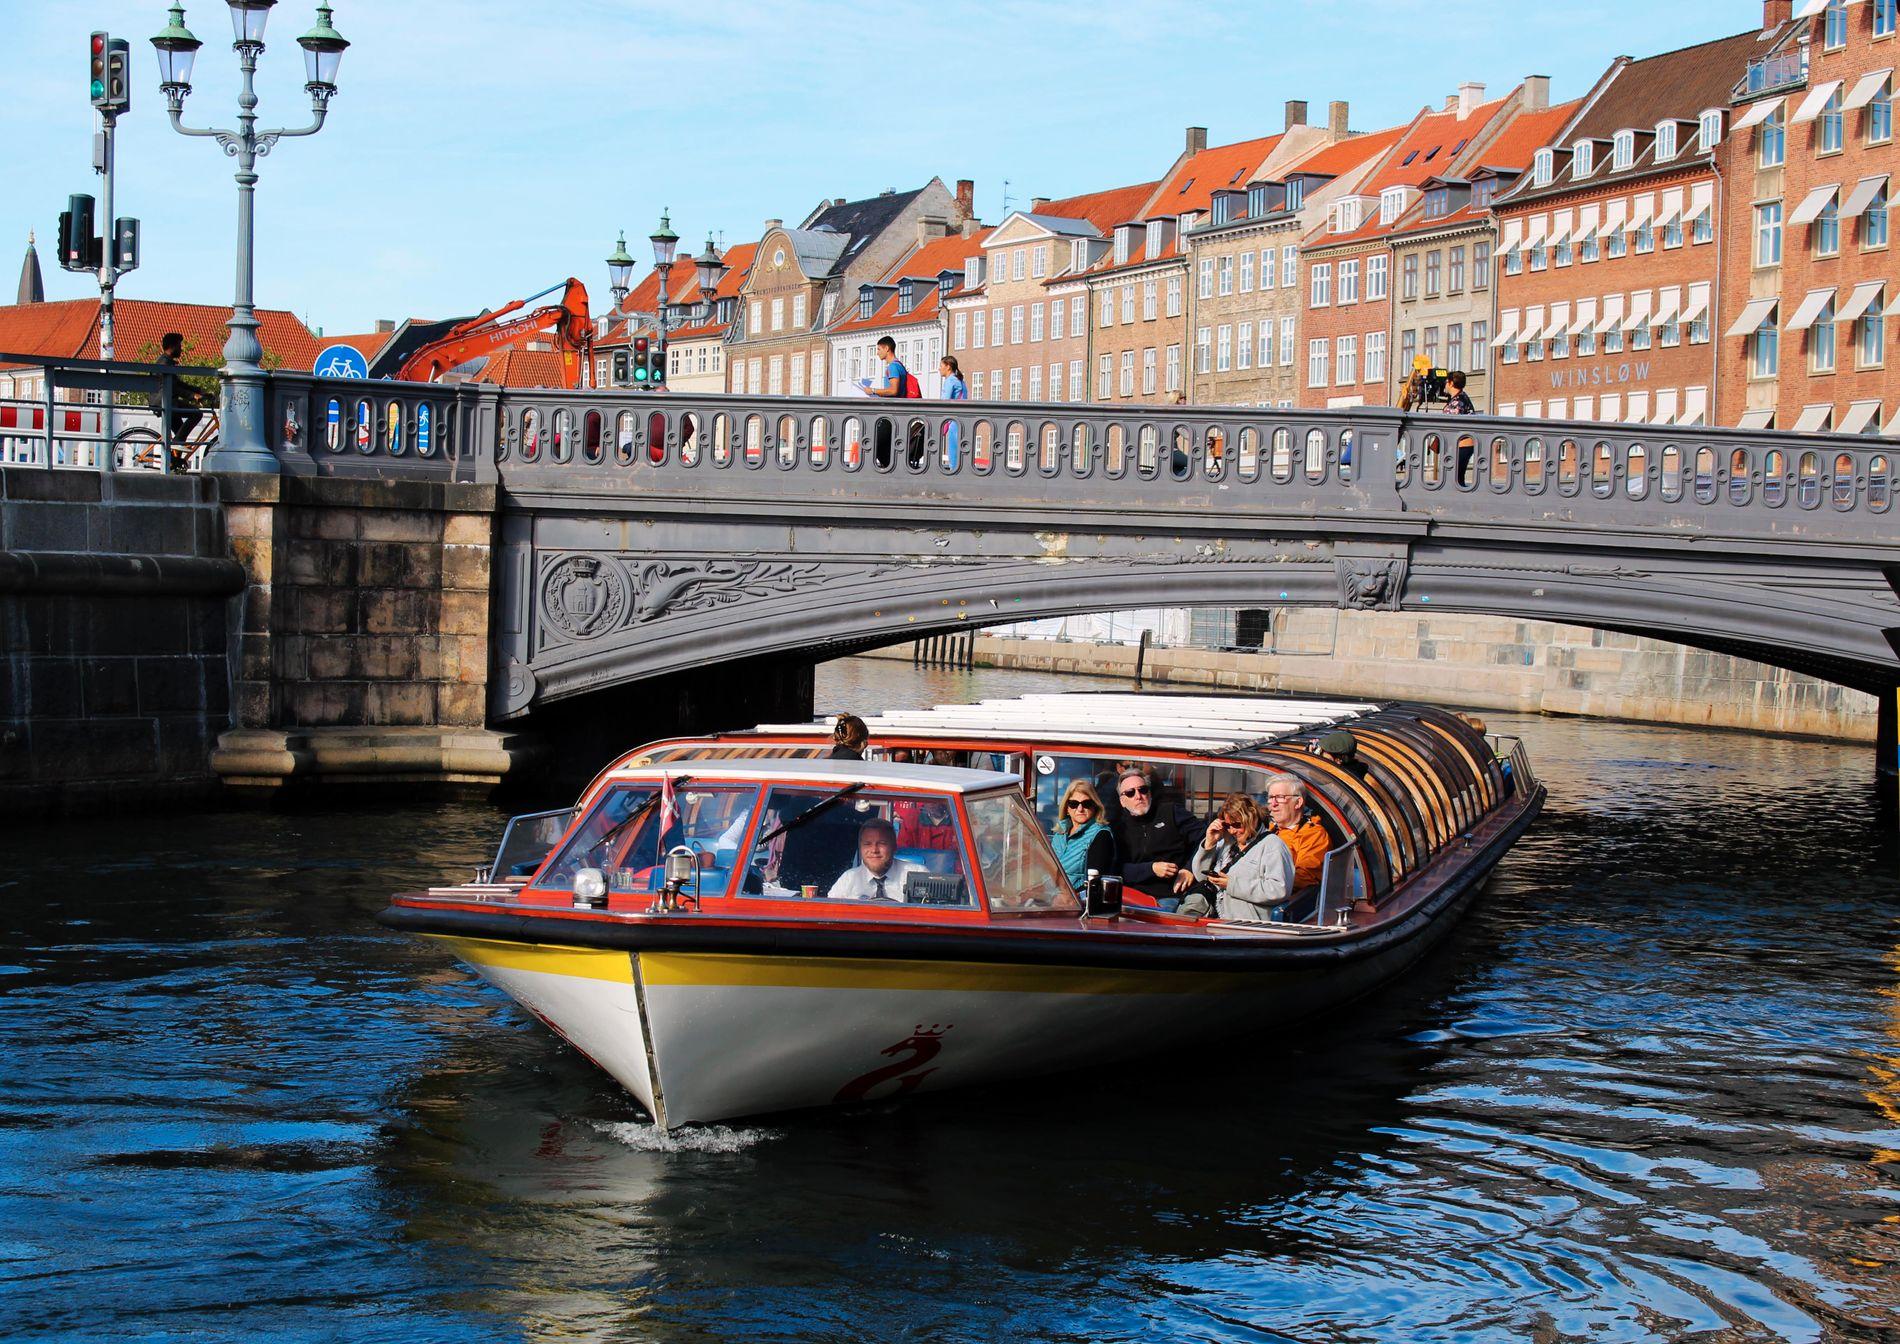 KANALBÅT: En times rundtur på kanalene i København er en super måte å få oversikt over byen på. Bare pass på hodet: Båtene manøvrerer seg tidvis under svært lave broer.